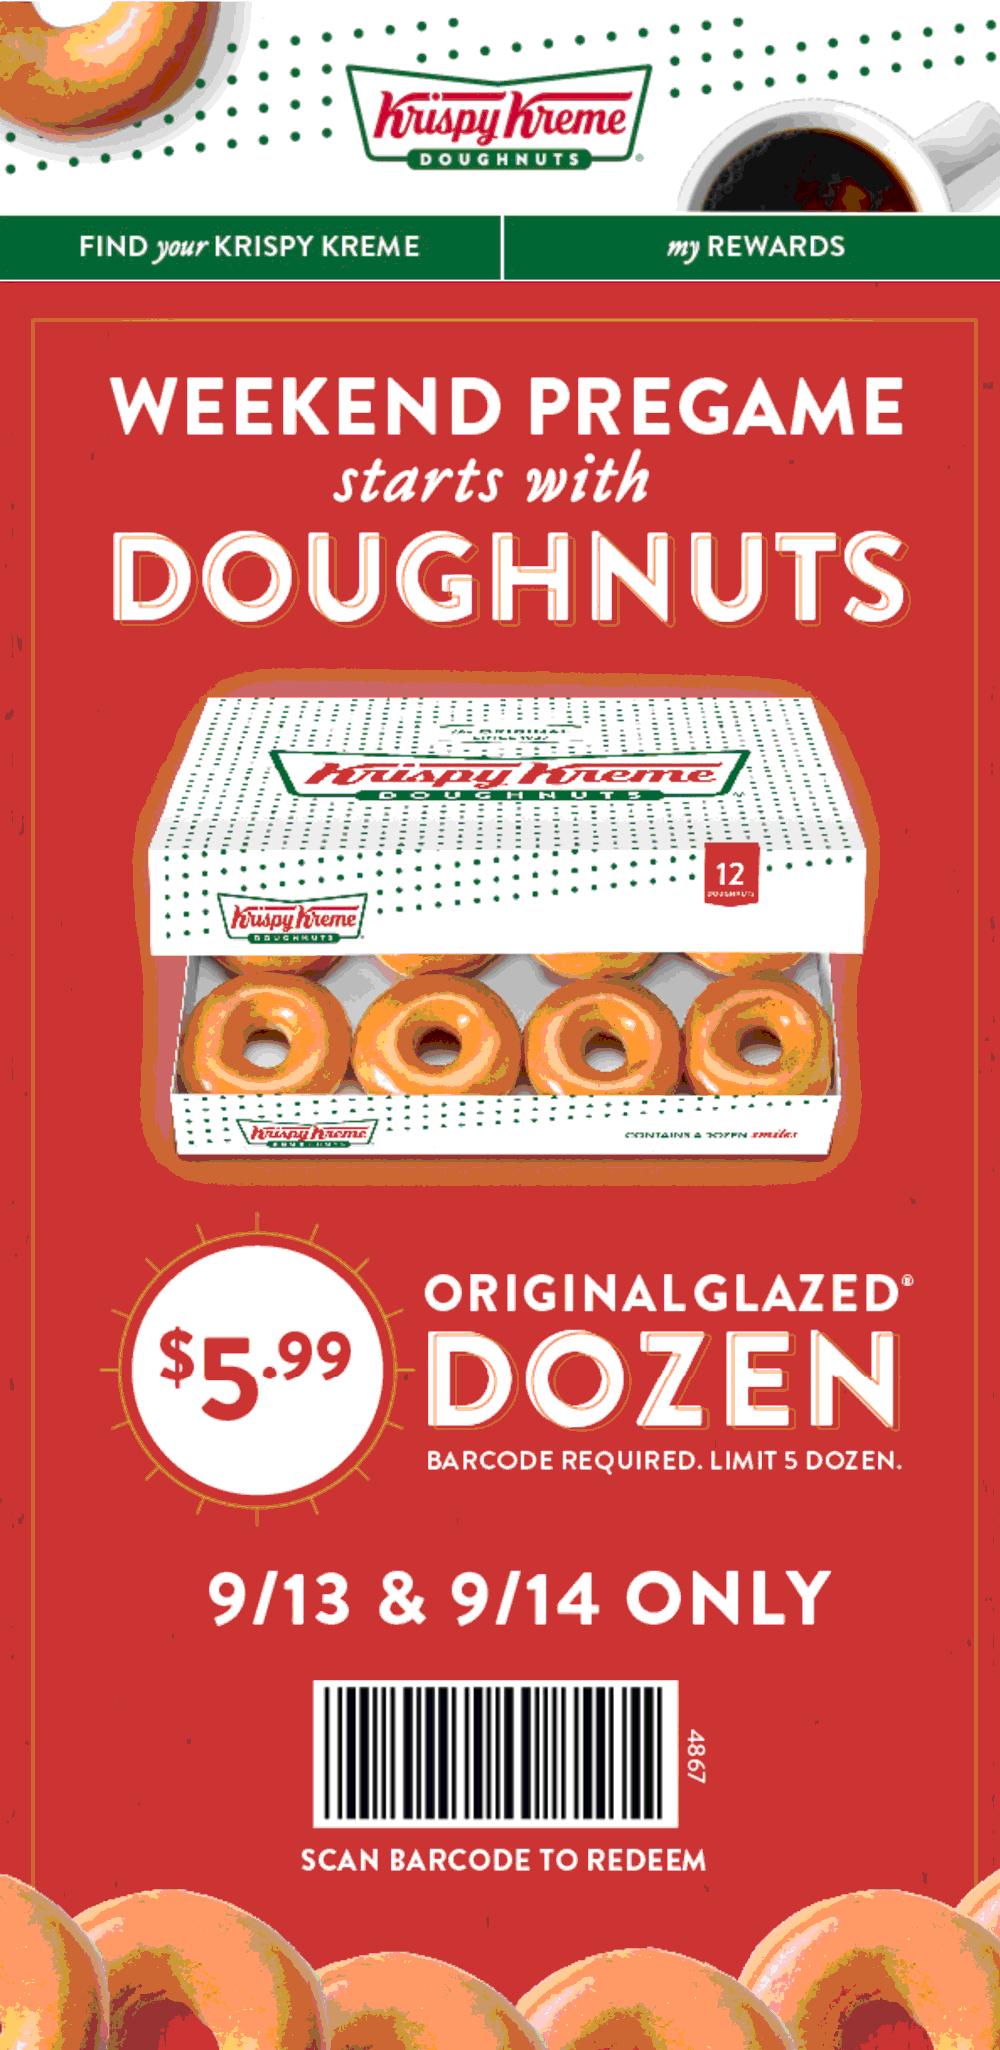 Krispy Kreme Coupon February 2020 $6 dozen at Krispy Kreme doughnuts